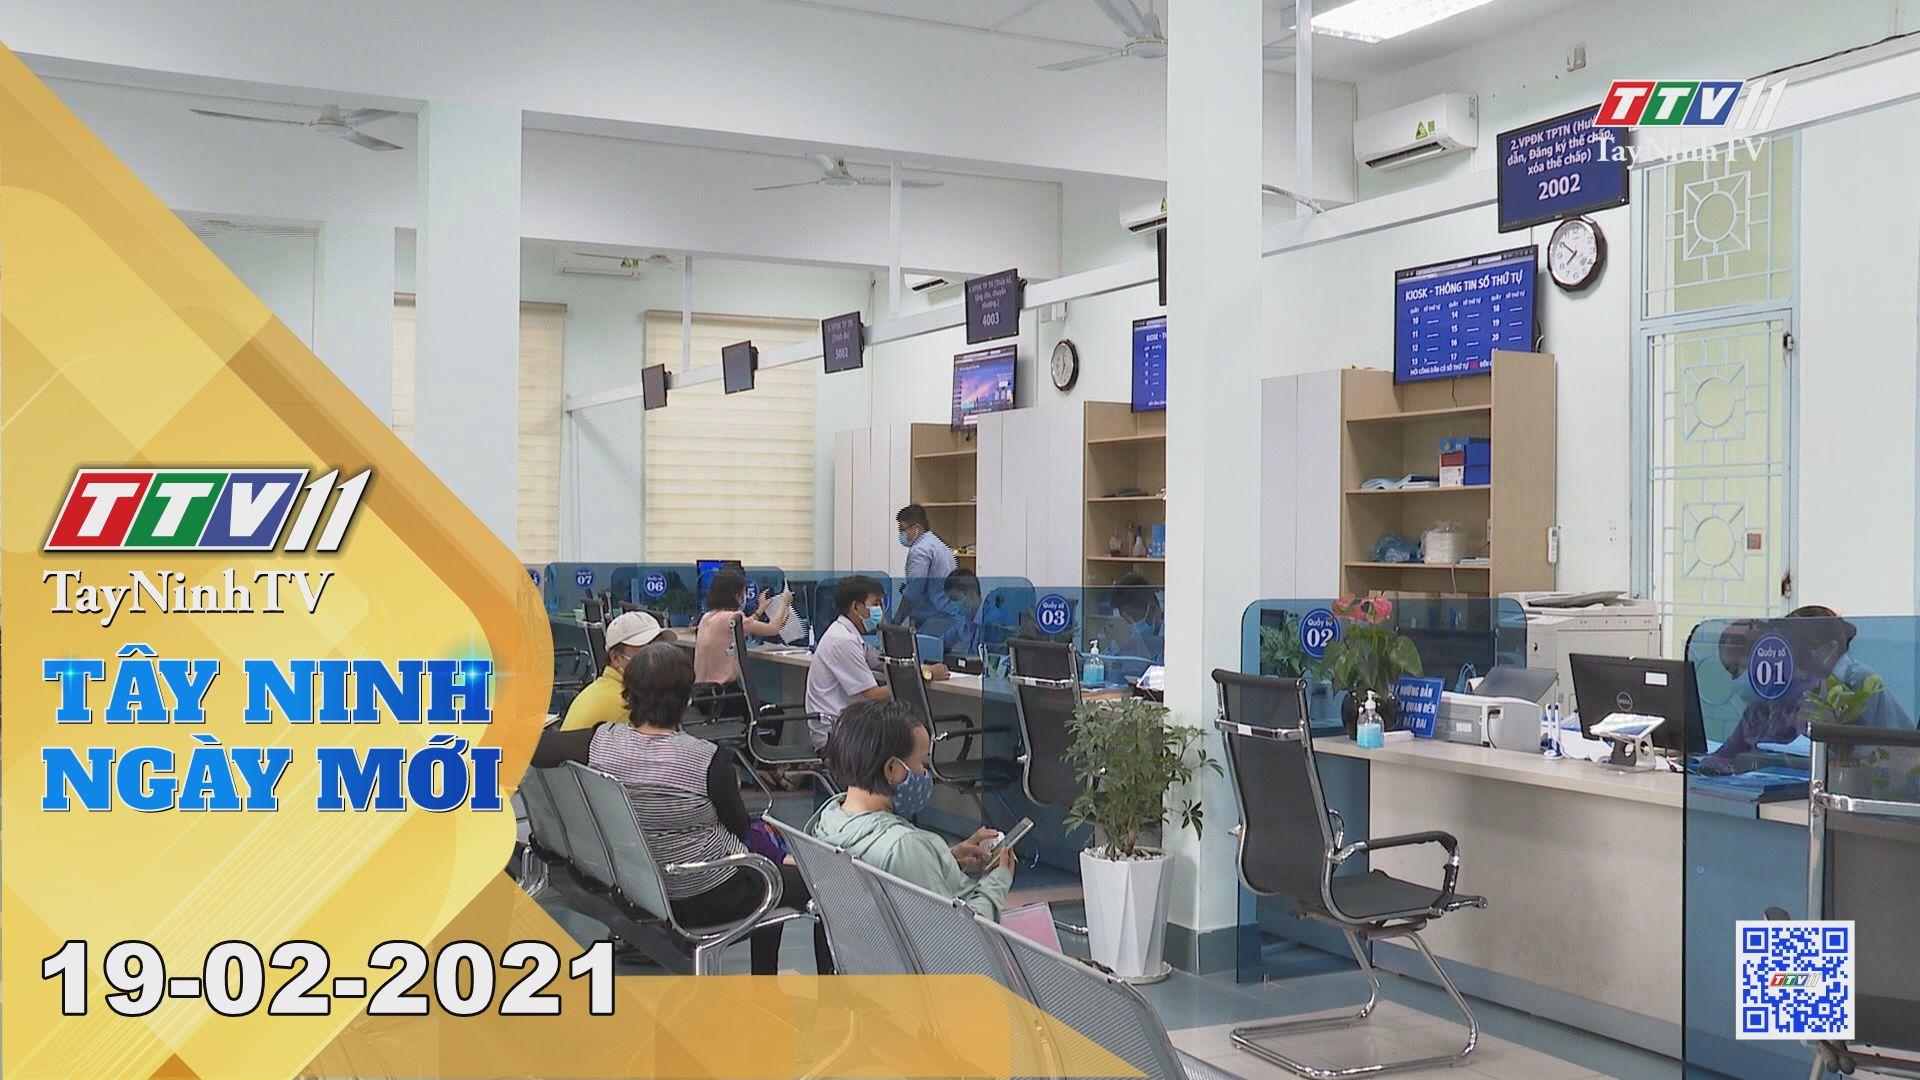 Tây Ninh Ngày Mới 19-02-2021 | Tin tức hôm nay | TayNinhTV